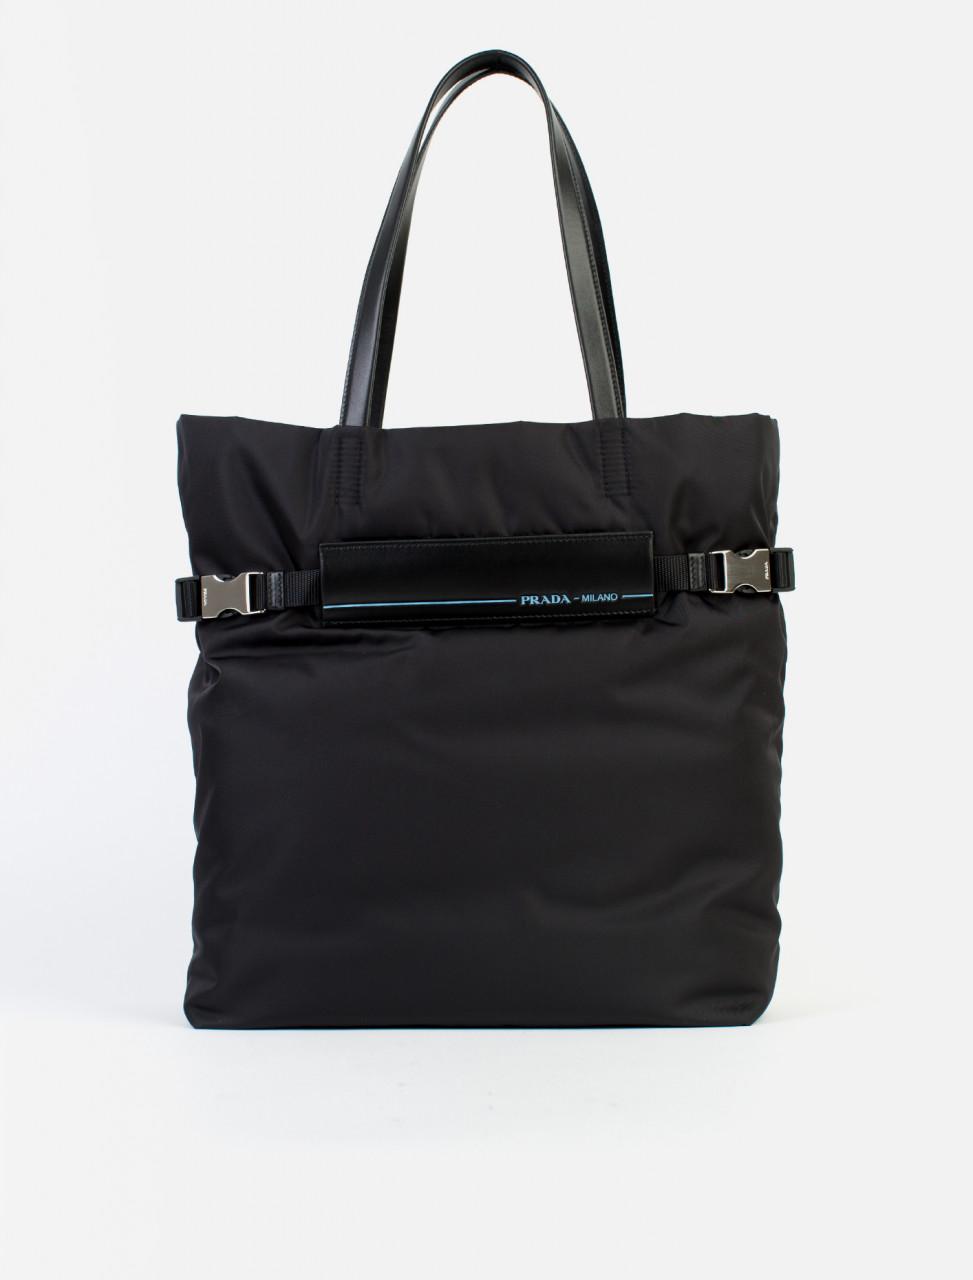 c58a719c5b87 Prada Nylon Tote Bag